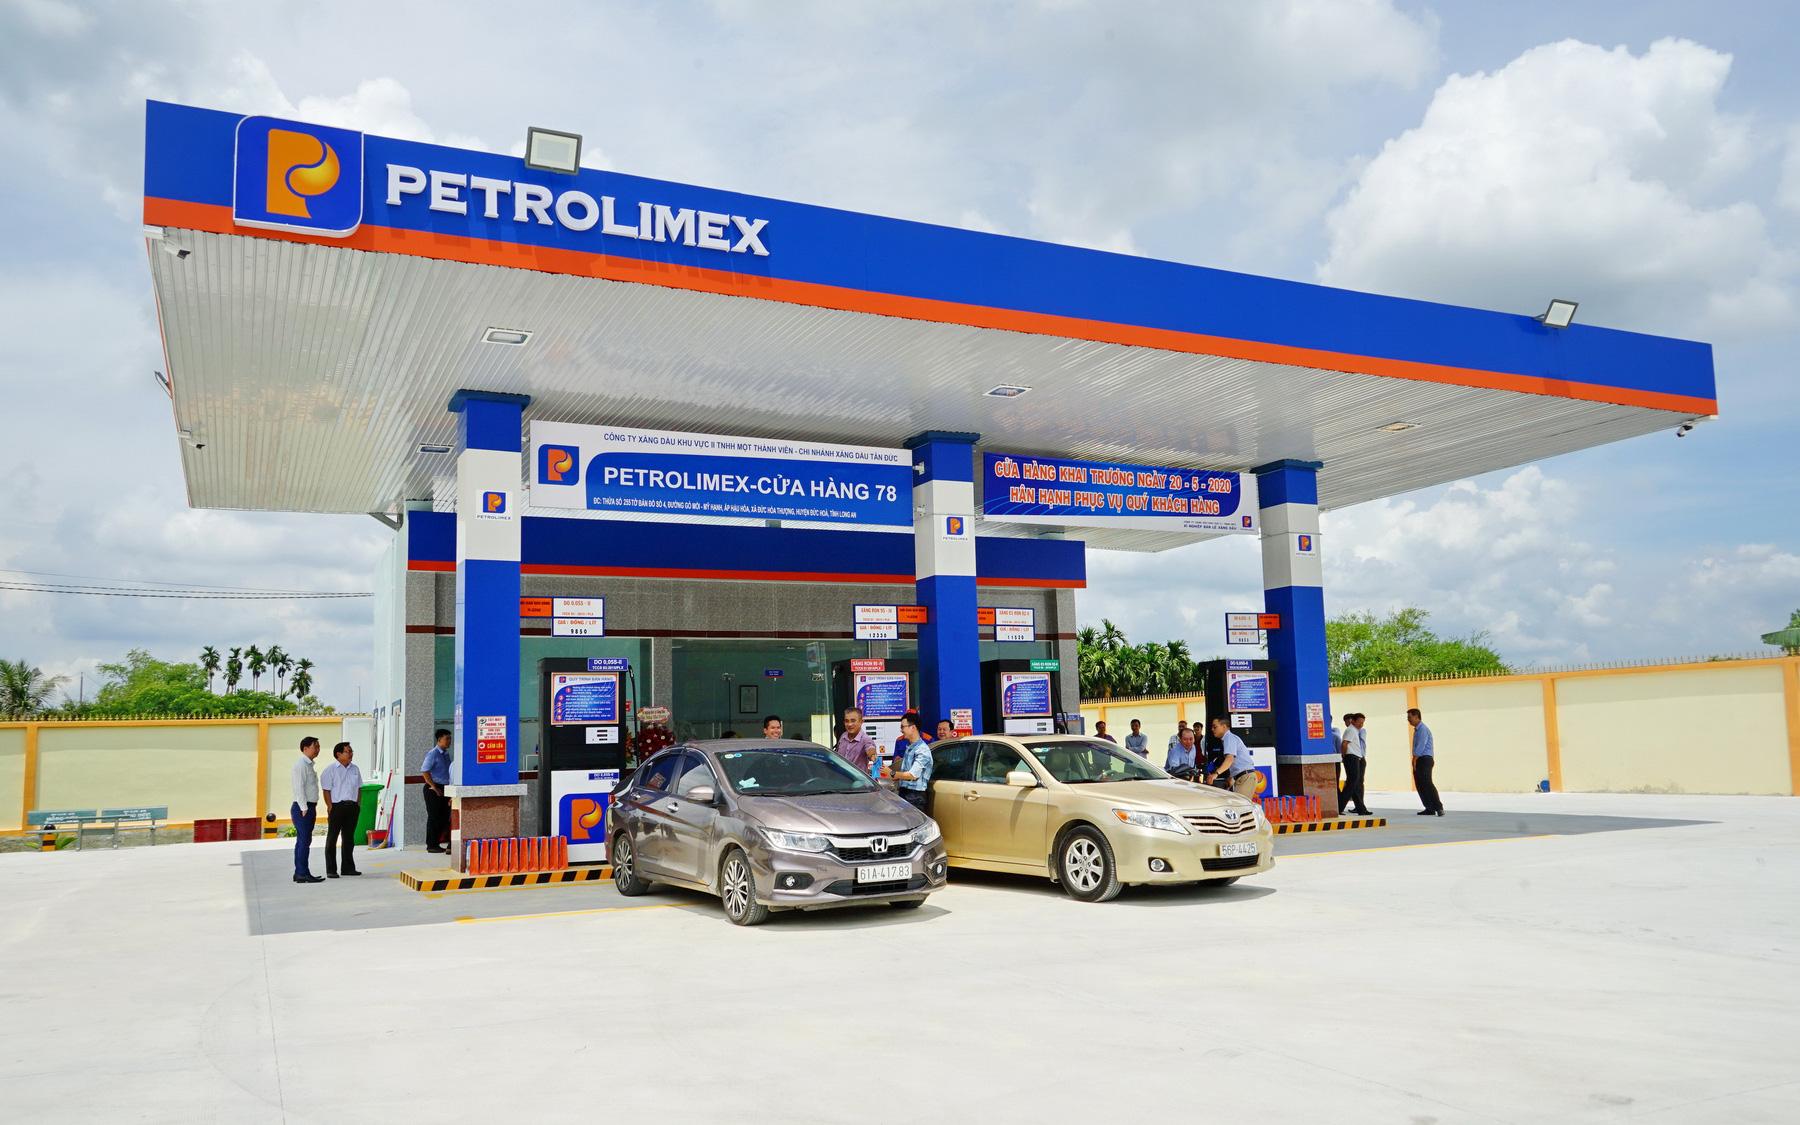 Petrolimex: Lãi trước thuế hợp nhất quý 3 hơn 1.100 tỷ, luỹ kế 9 tháng bù được hết lỗ nửa đầu năm